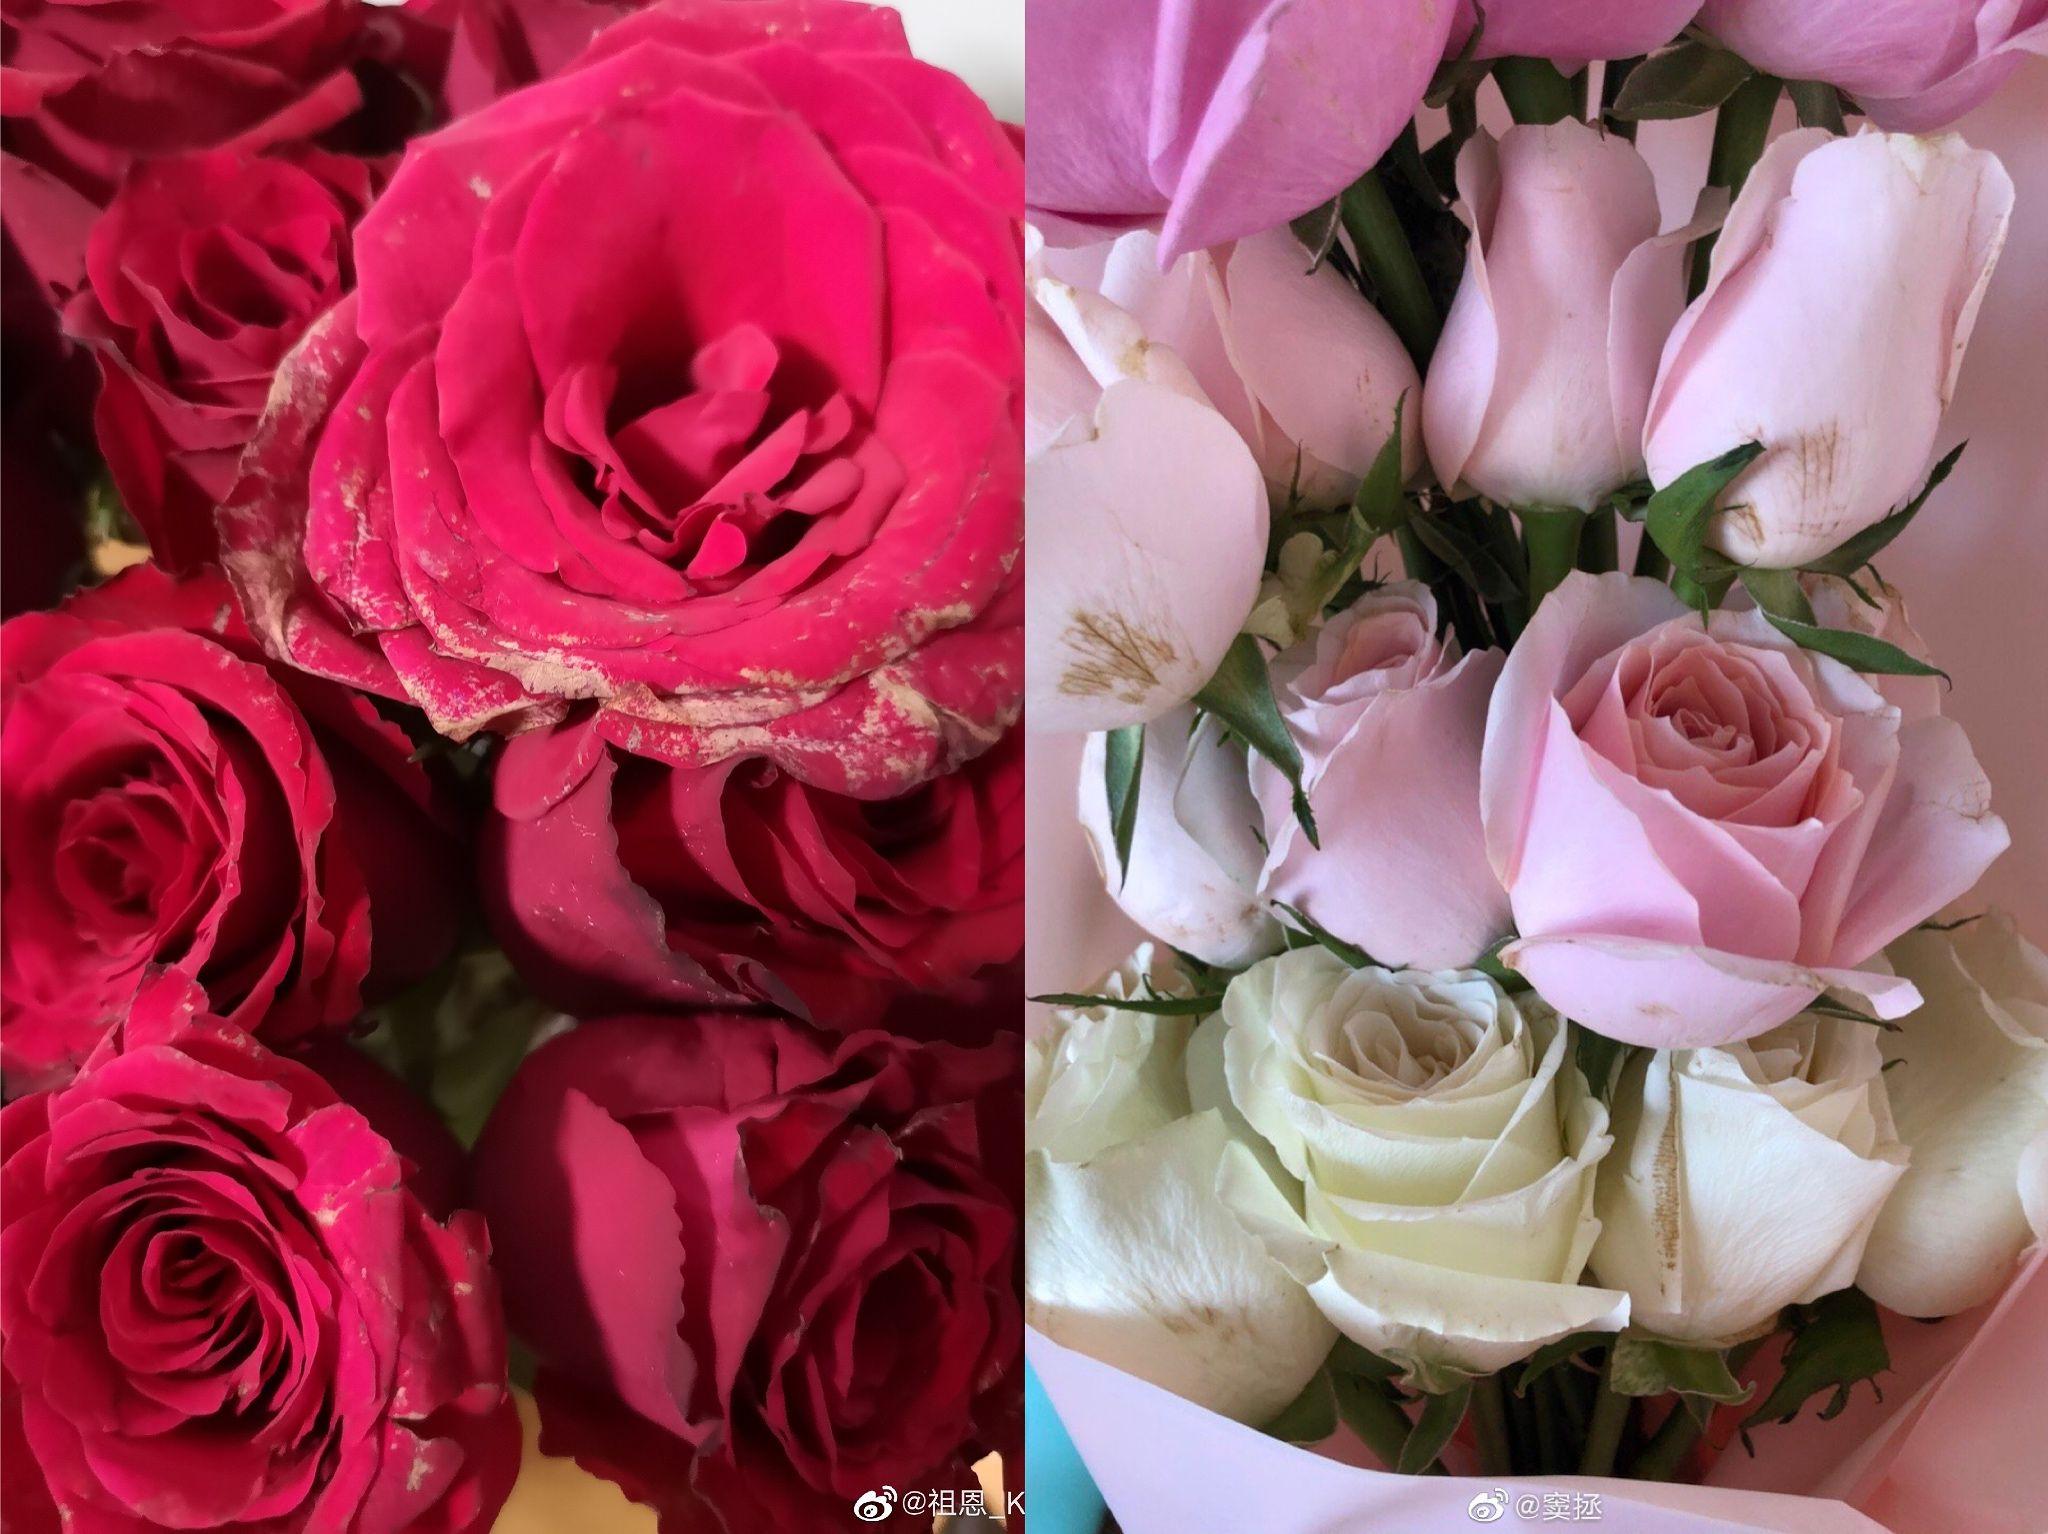 罗永浩直播带货翻车:玫瑰发蔫被投诉 道歉+双倍返现